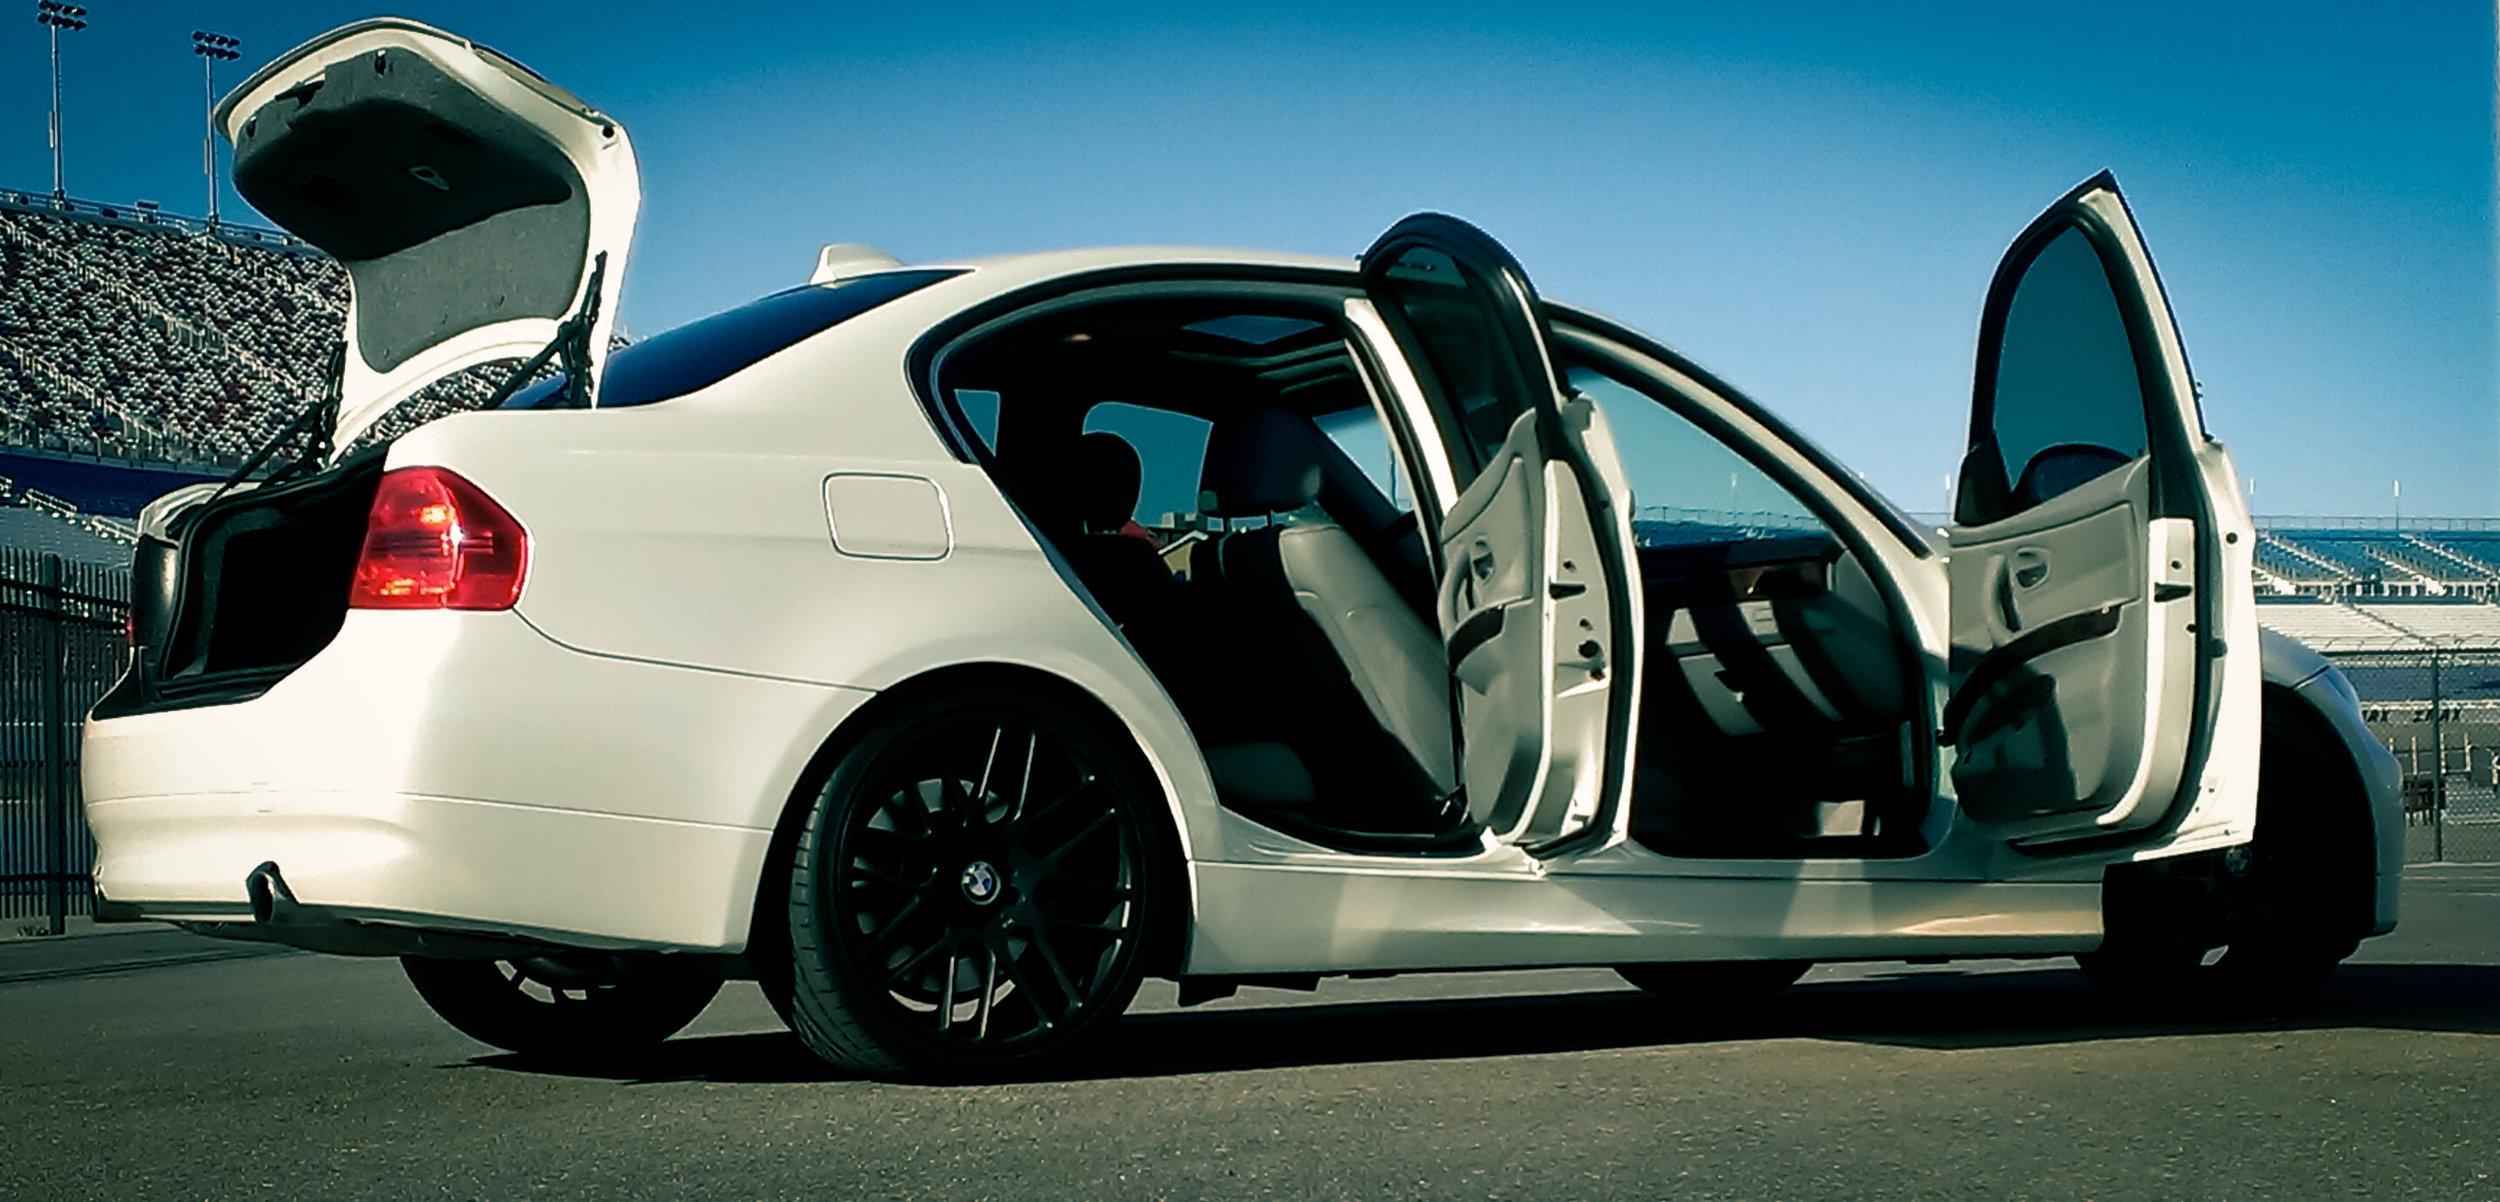 BMW 335i Pearl White.jpg